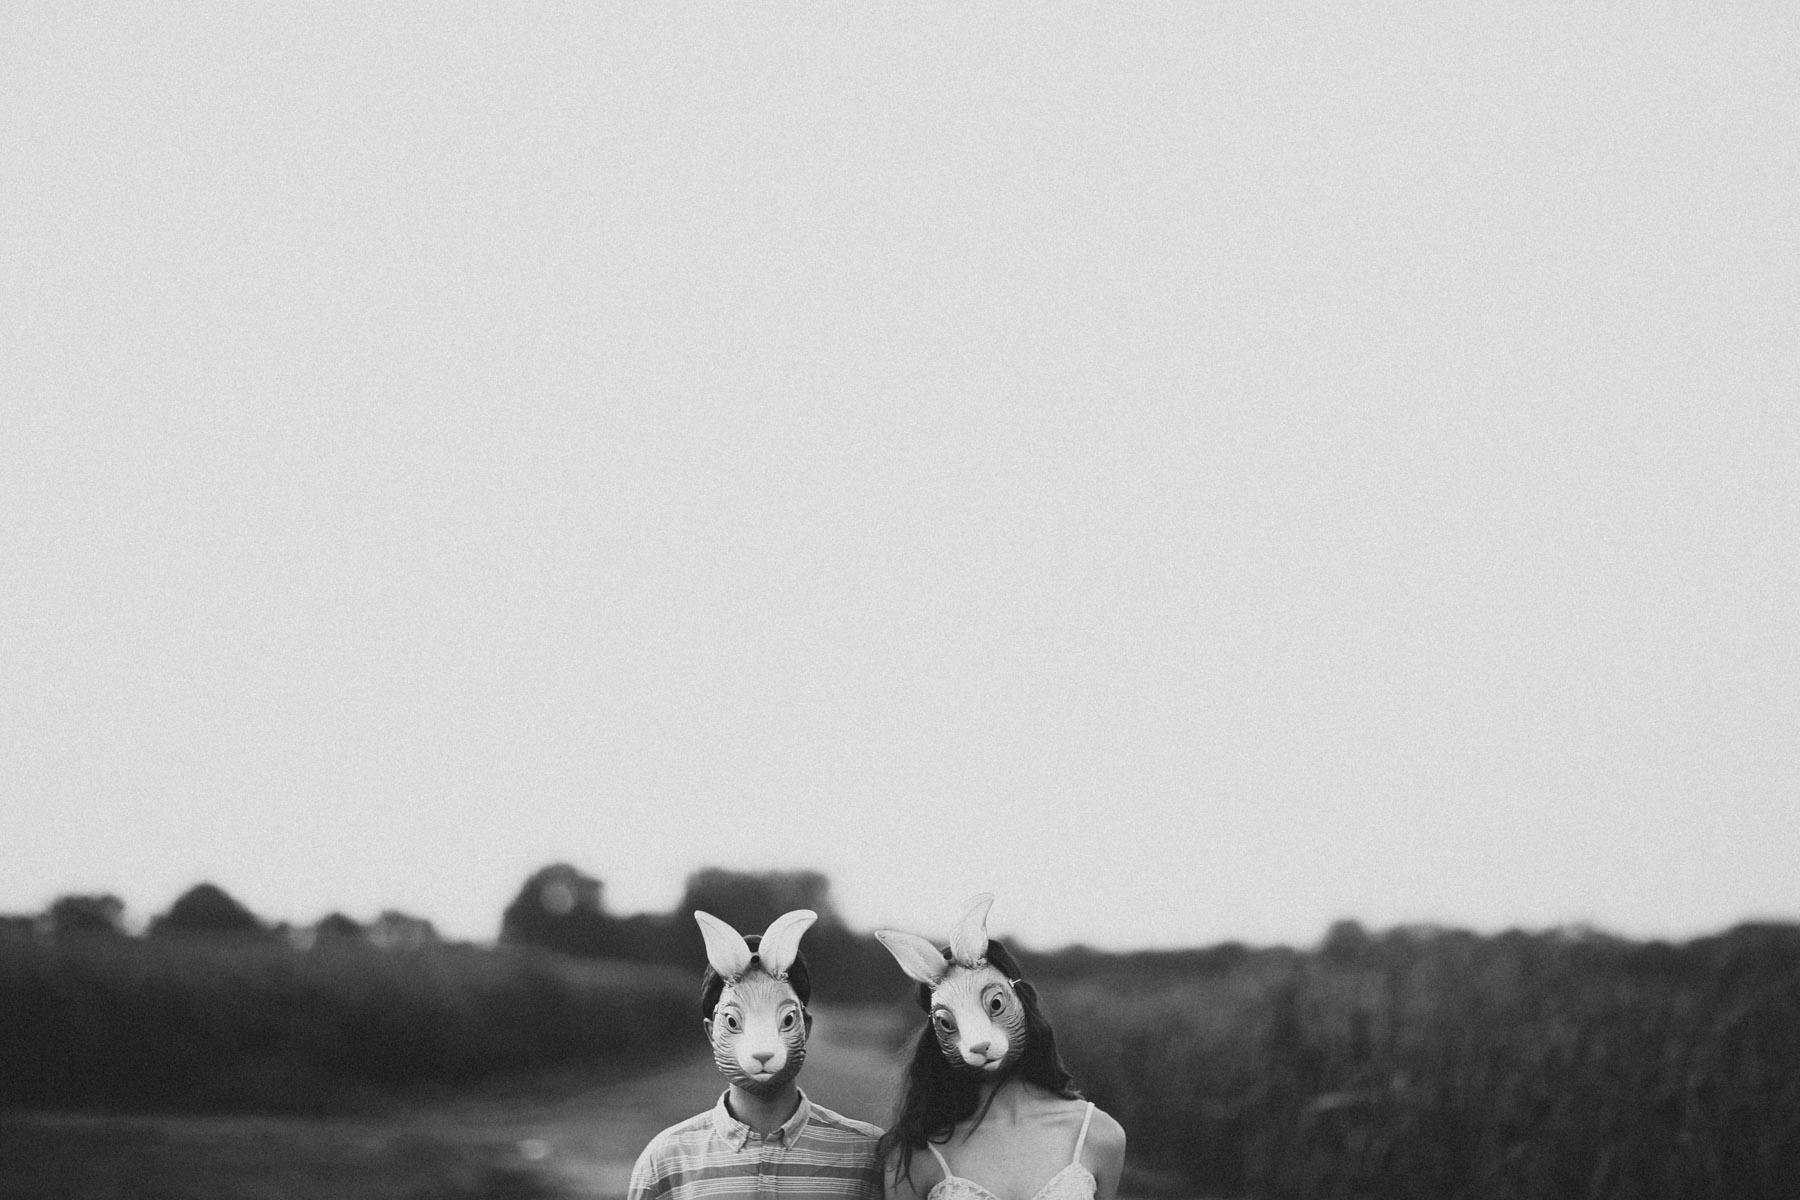 Boris_Zaretsky_Photography_B2C9415.jpg